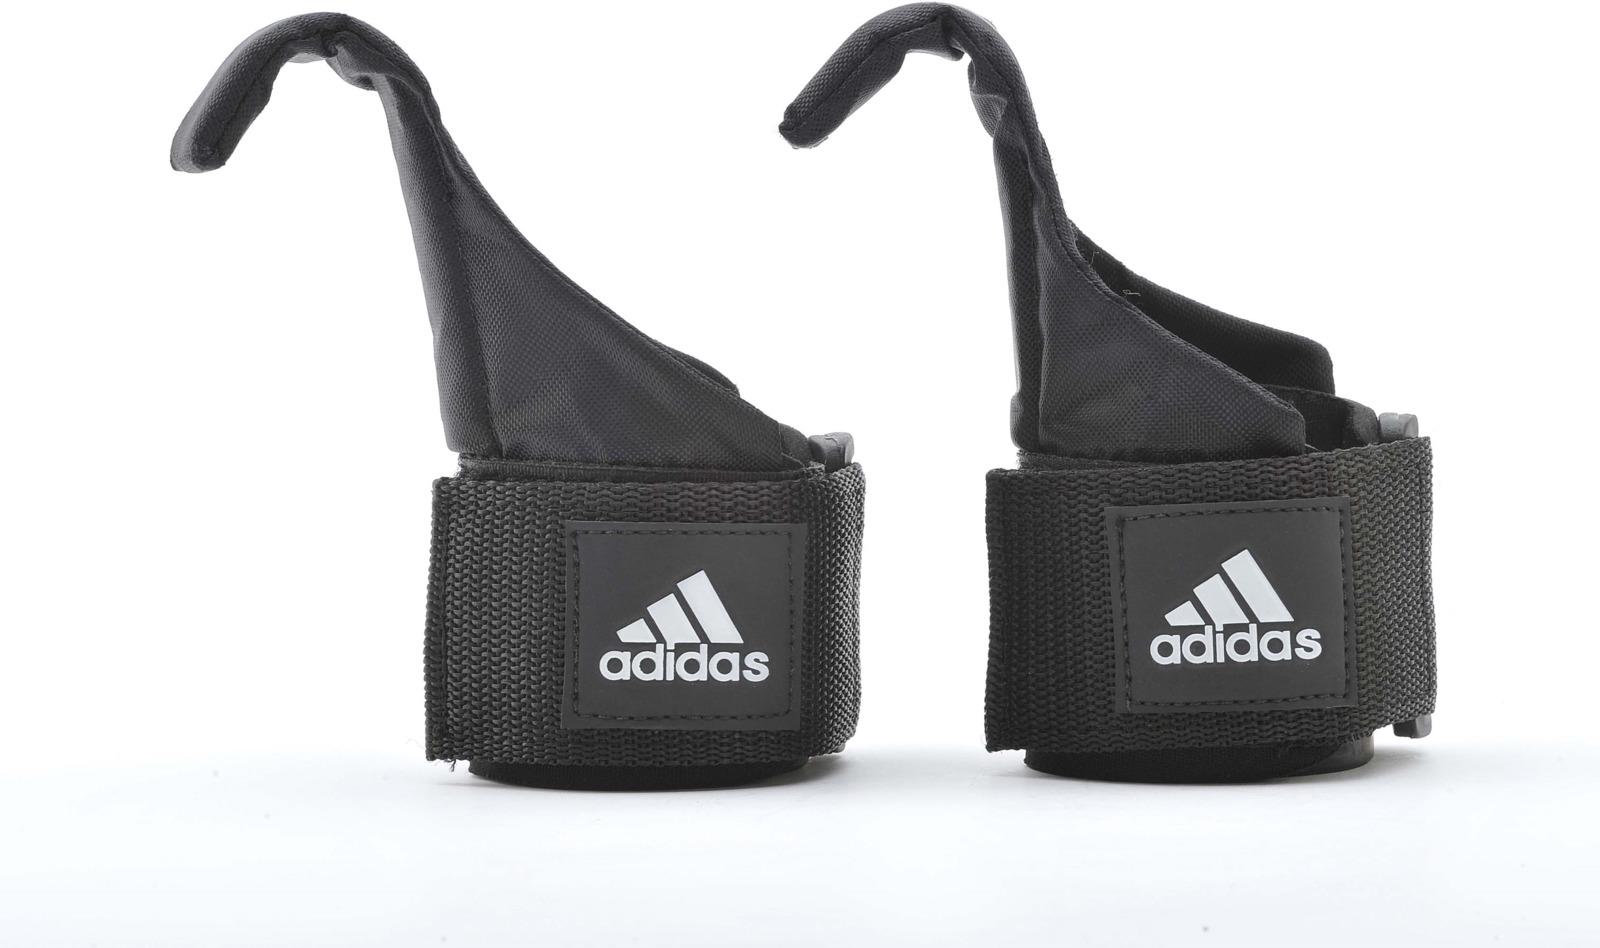 Ремень для тяги Adidas Hook Lifting Straps, с крюком, цвет: черный